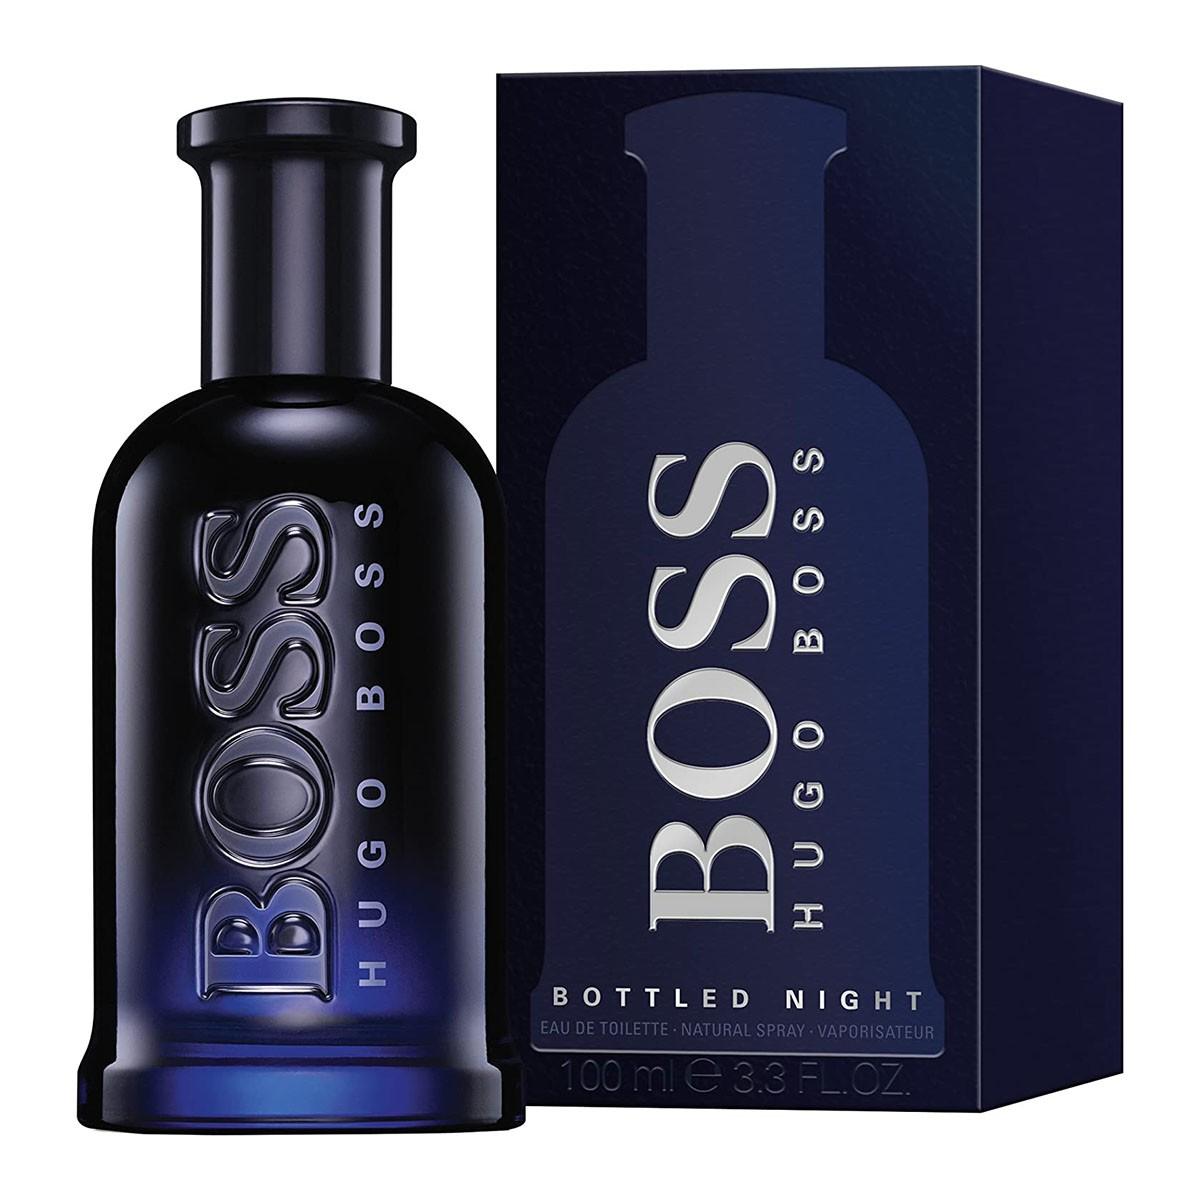 Hugo Boss Bottled Night Perfume 100ml Edt